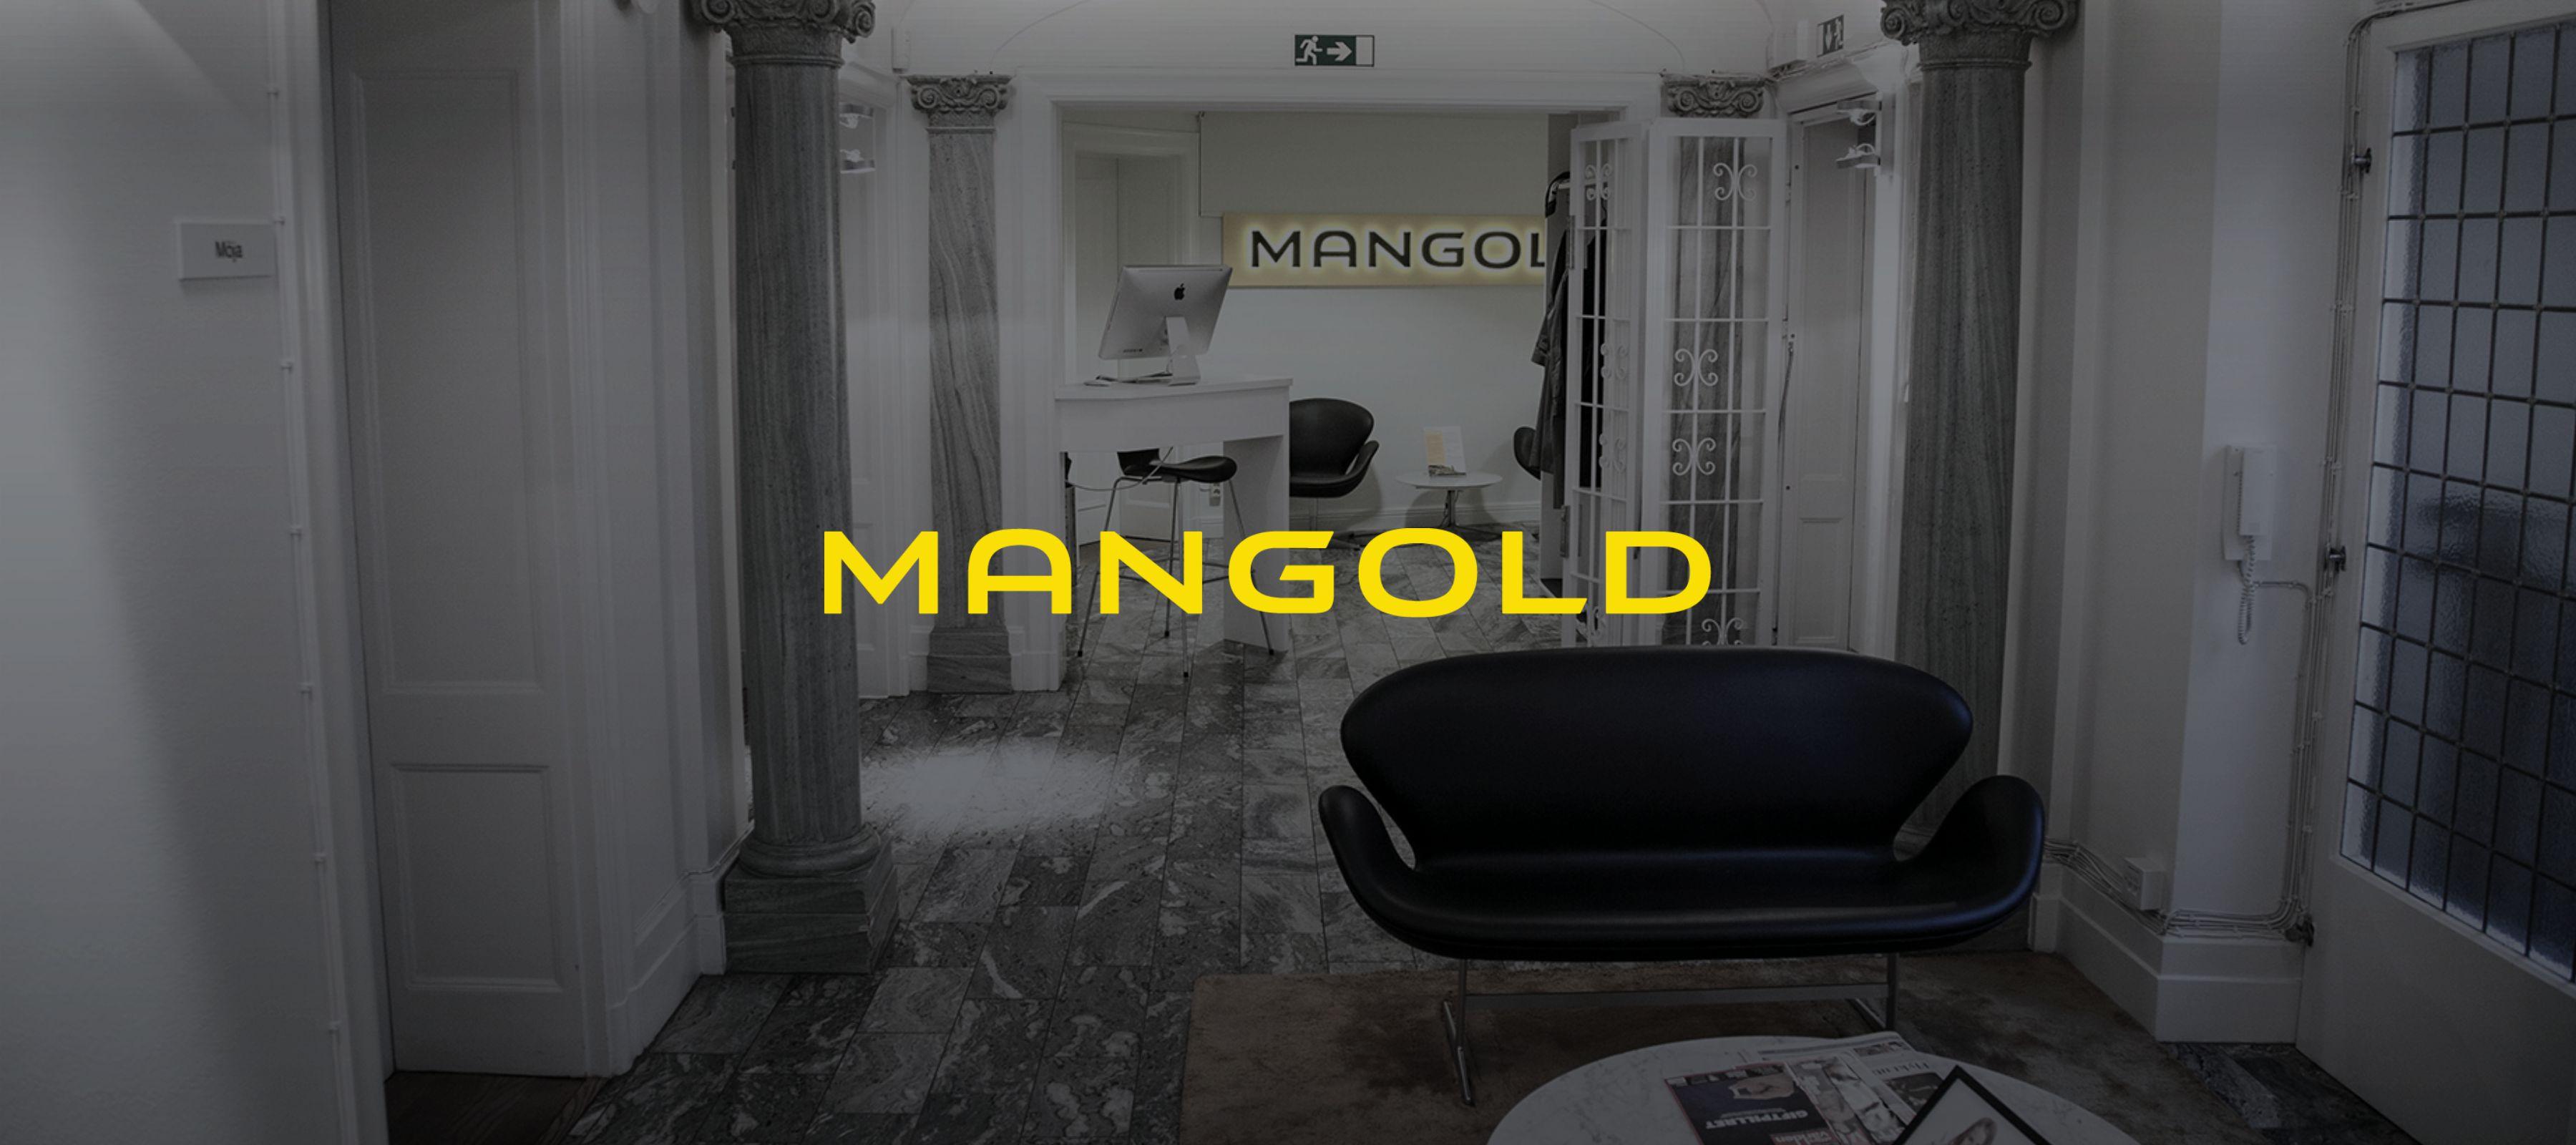 Mangold Image